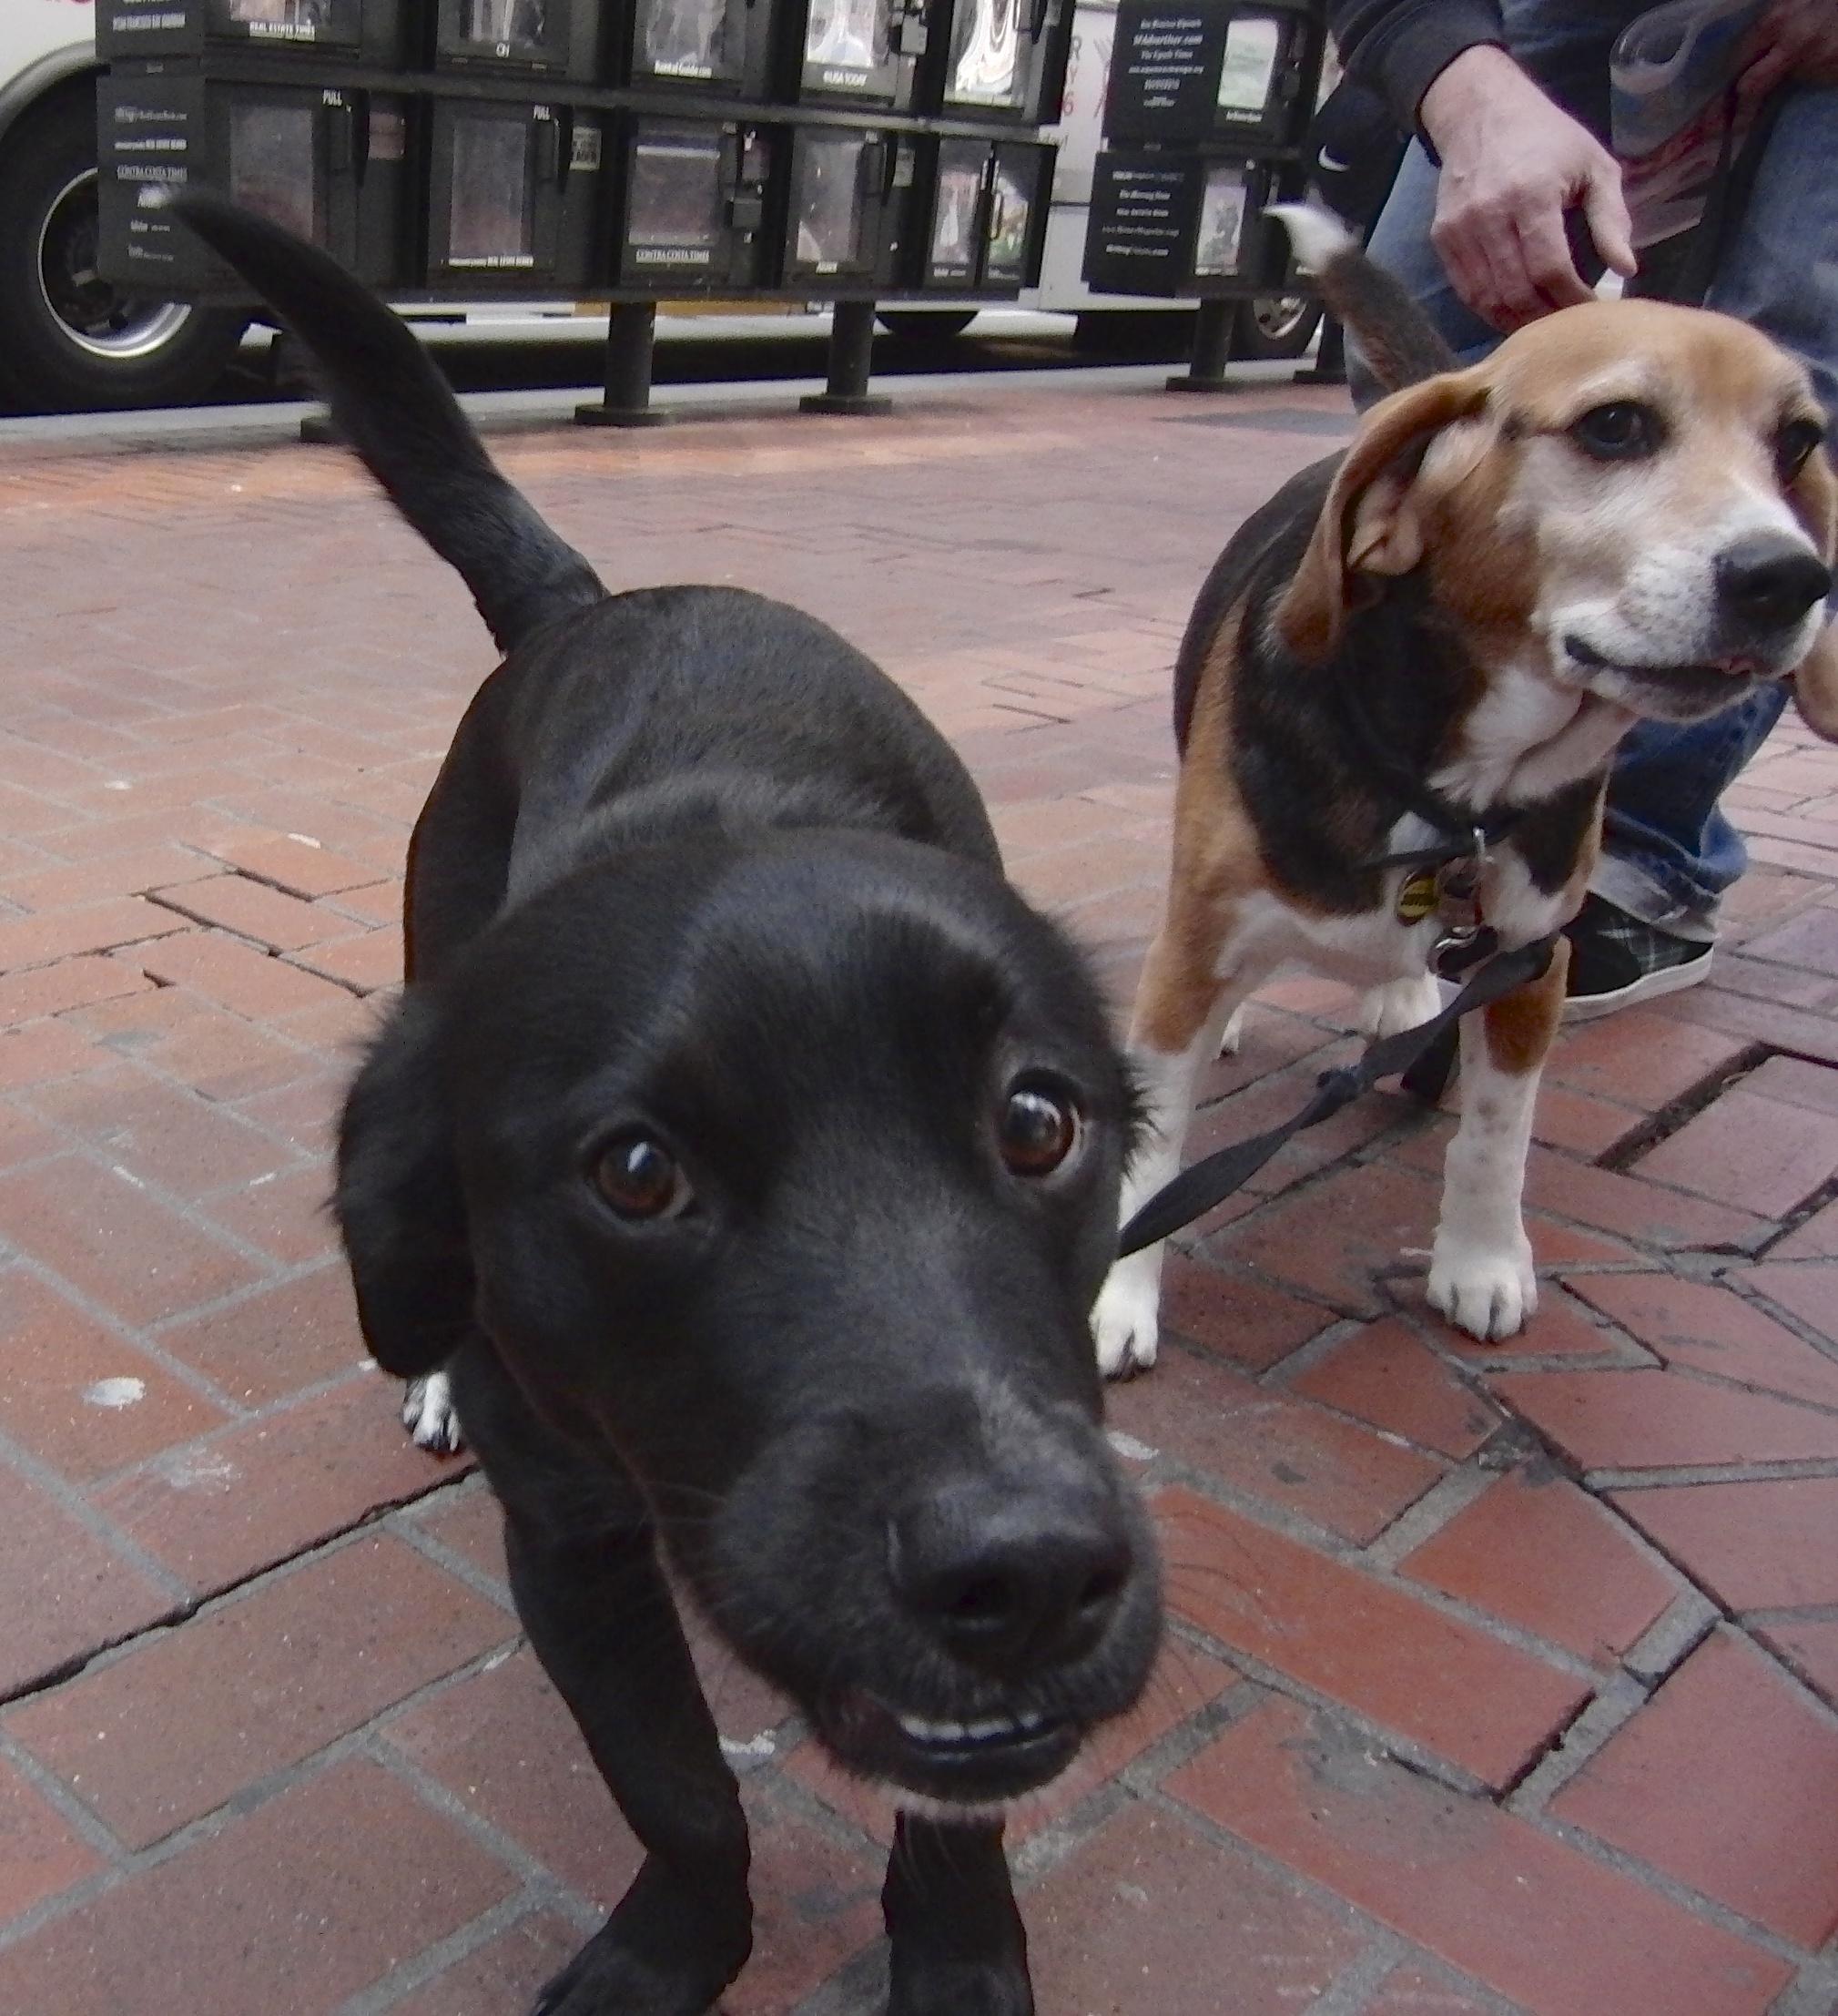 Tricolor Beagle and Black Labrador Retriever Mix With White Socks